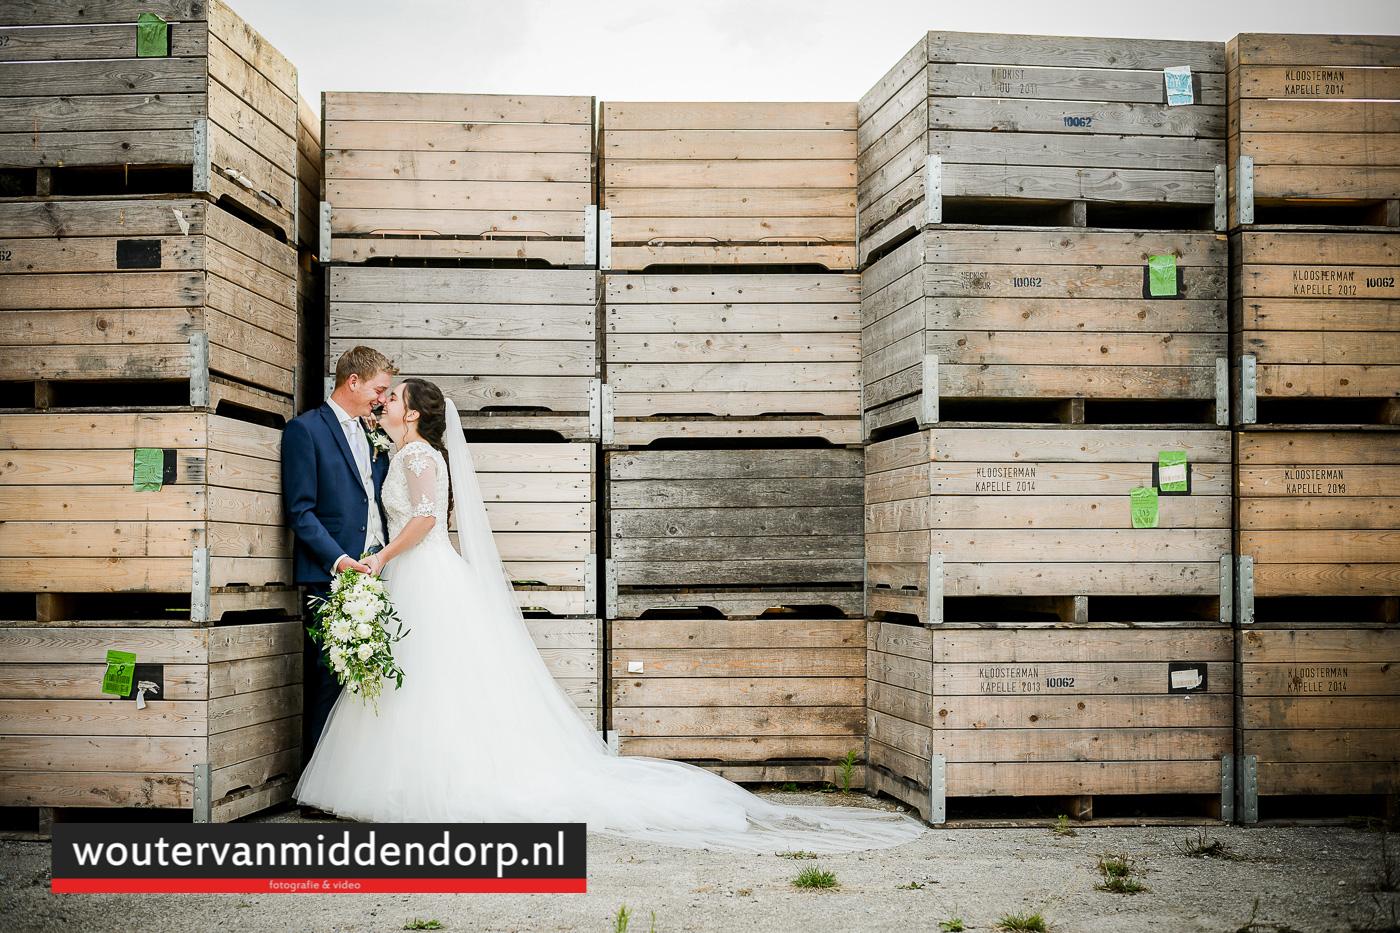 bruidsfotografie Wouter van Middendorp fotografie -14